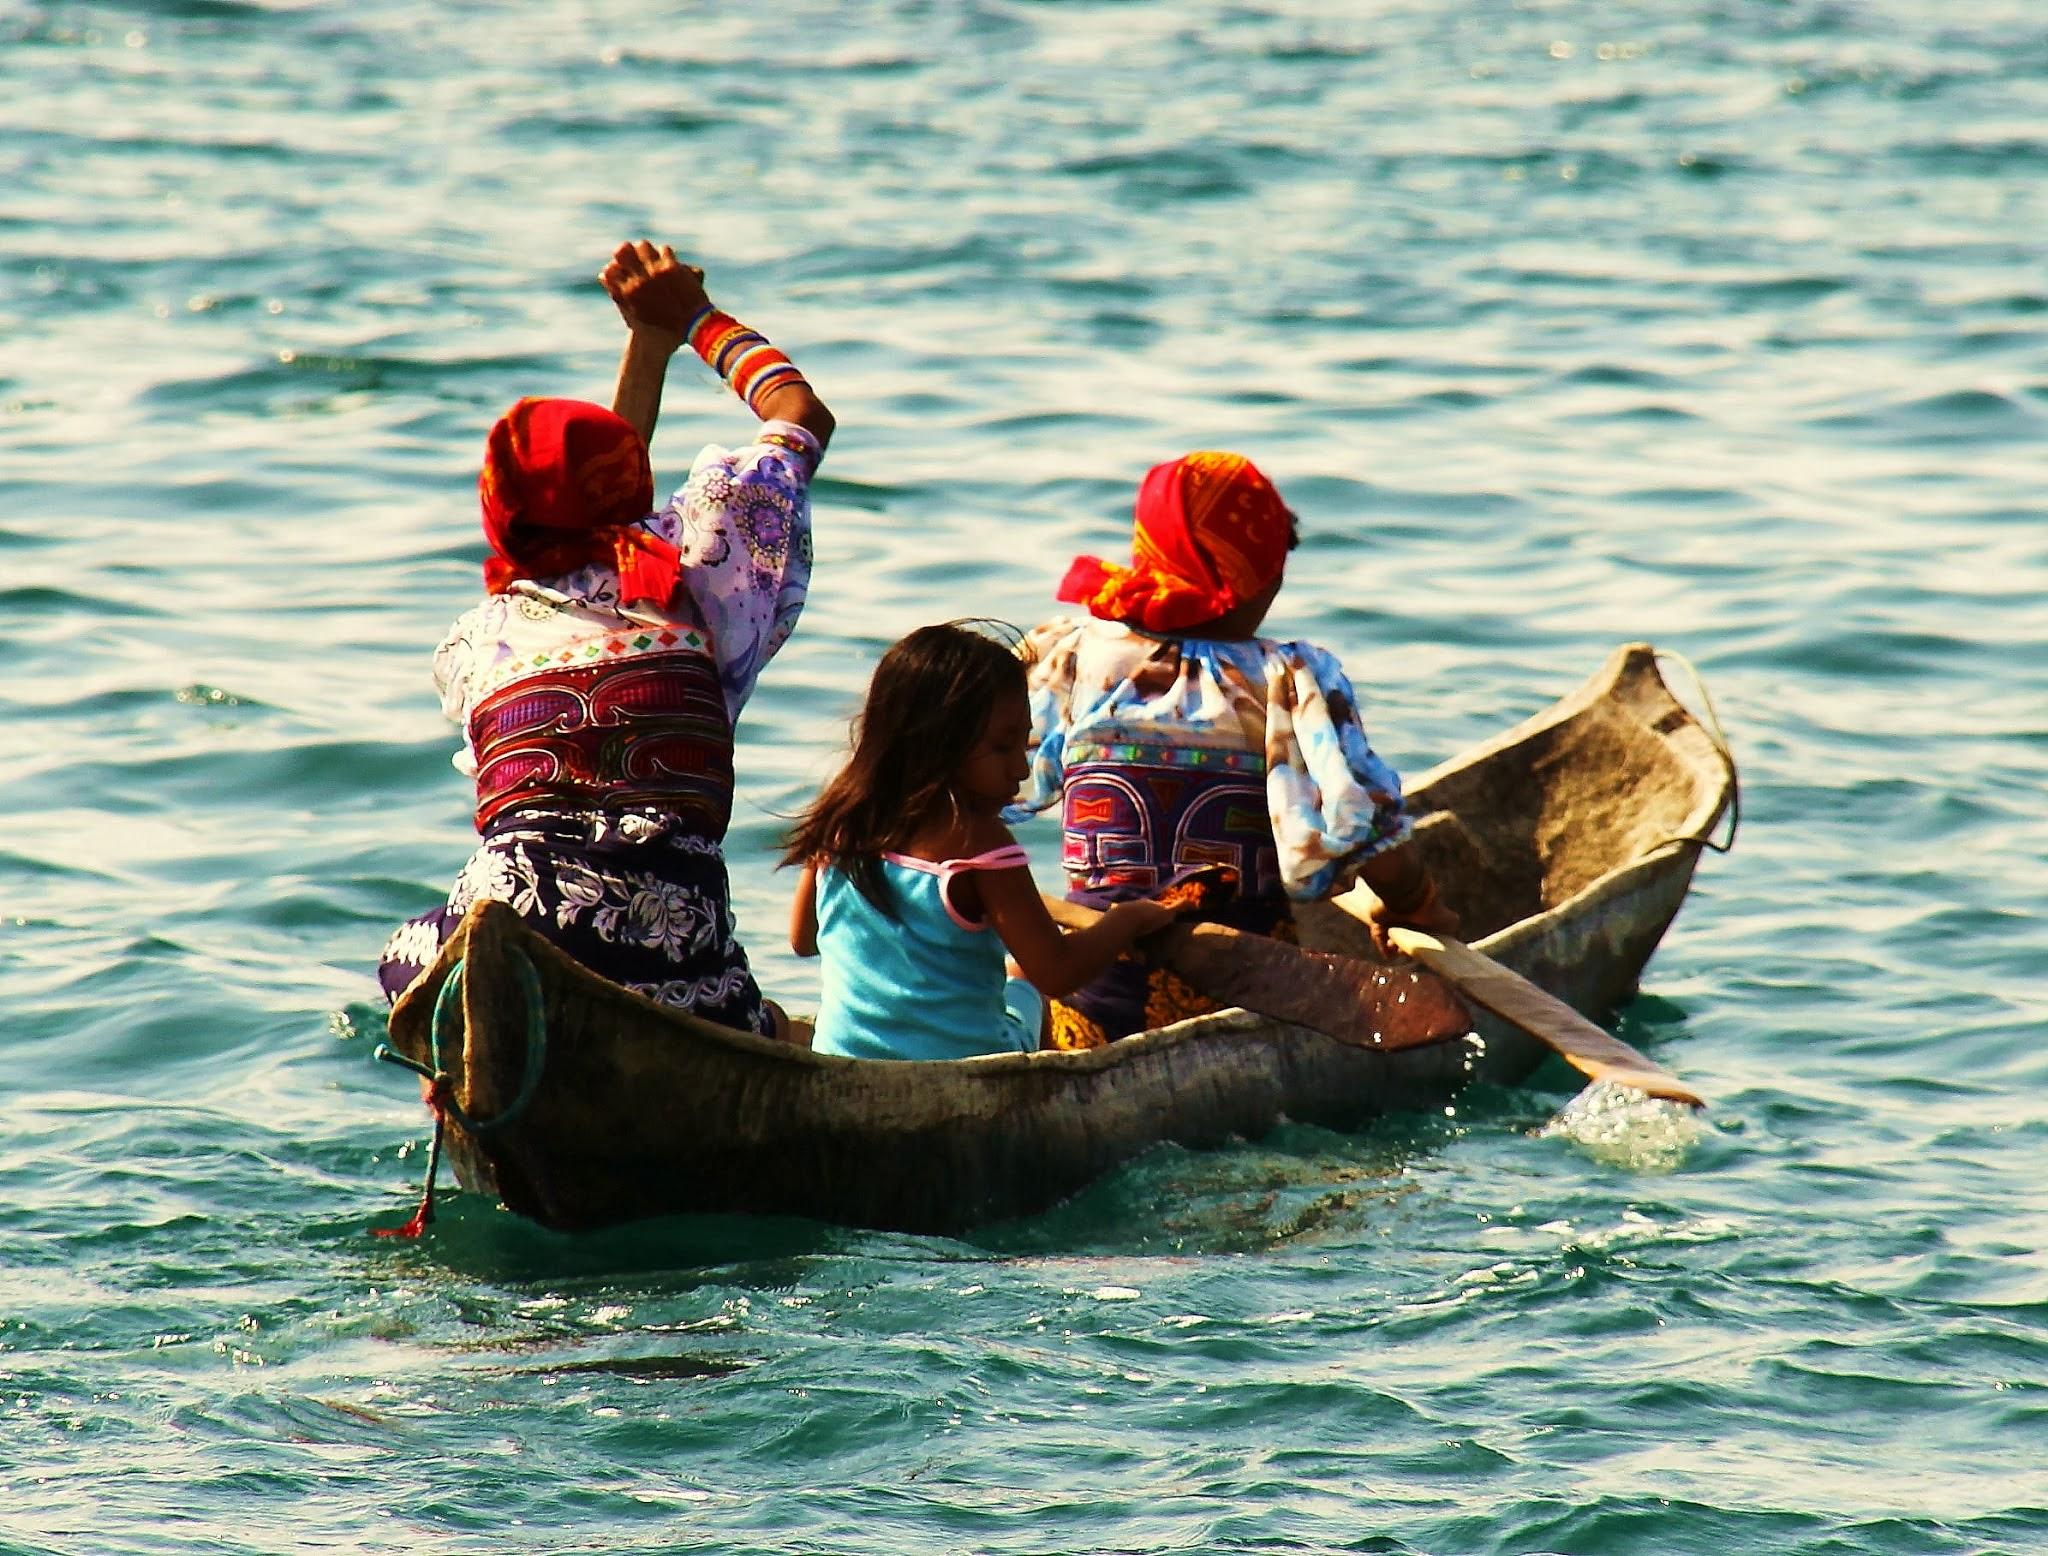 Image courtesy of visitpanama.com